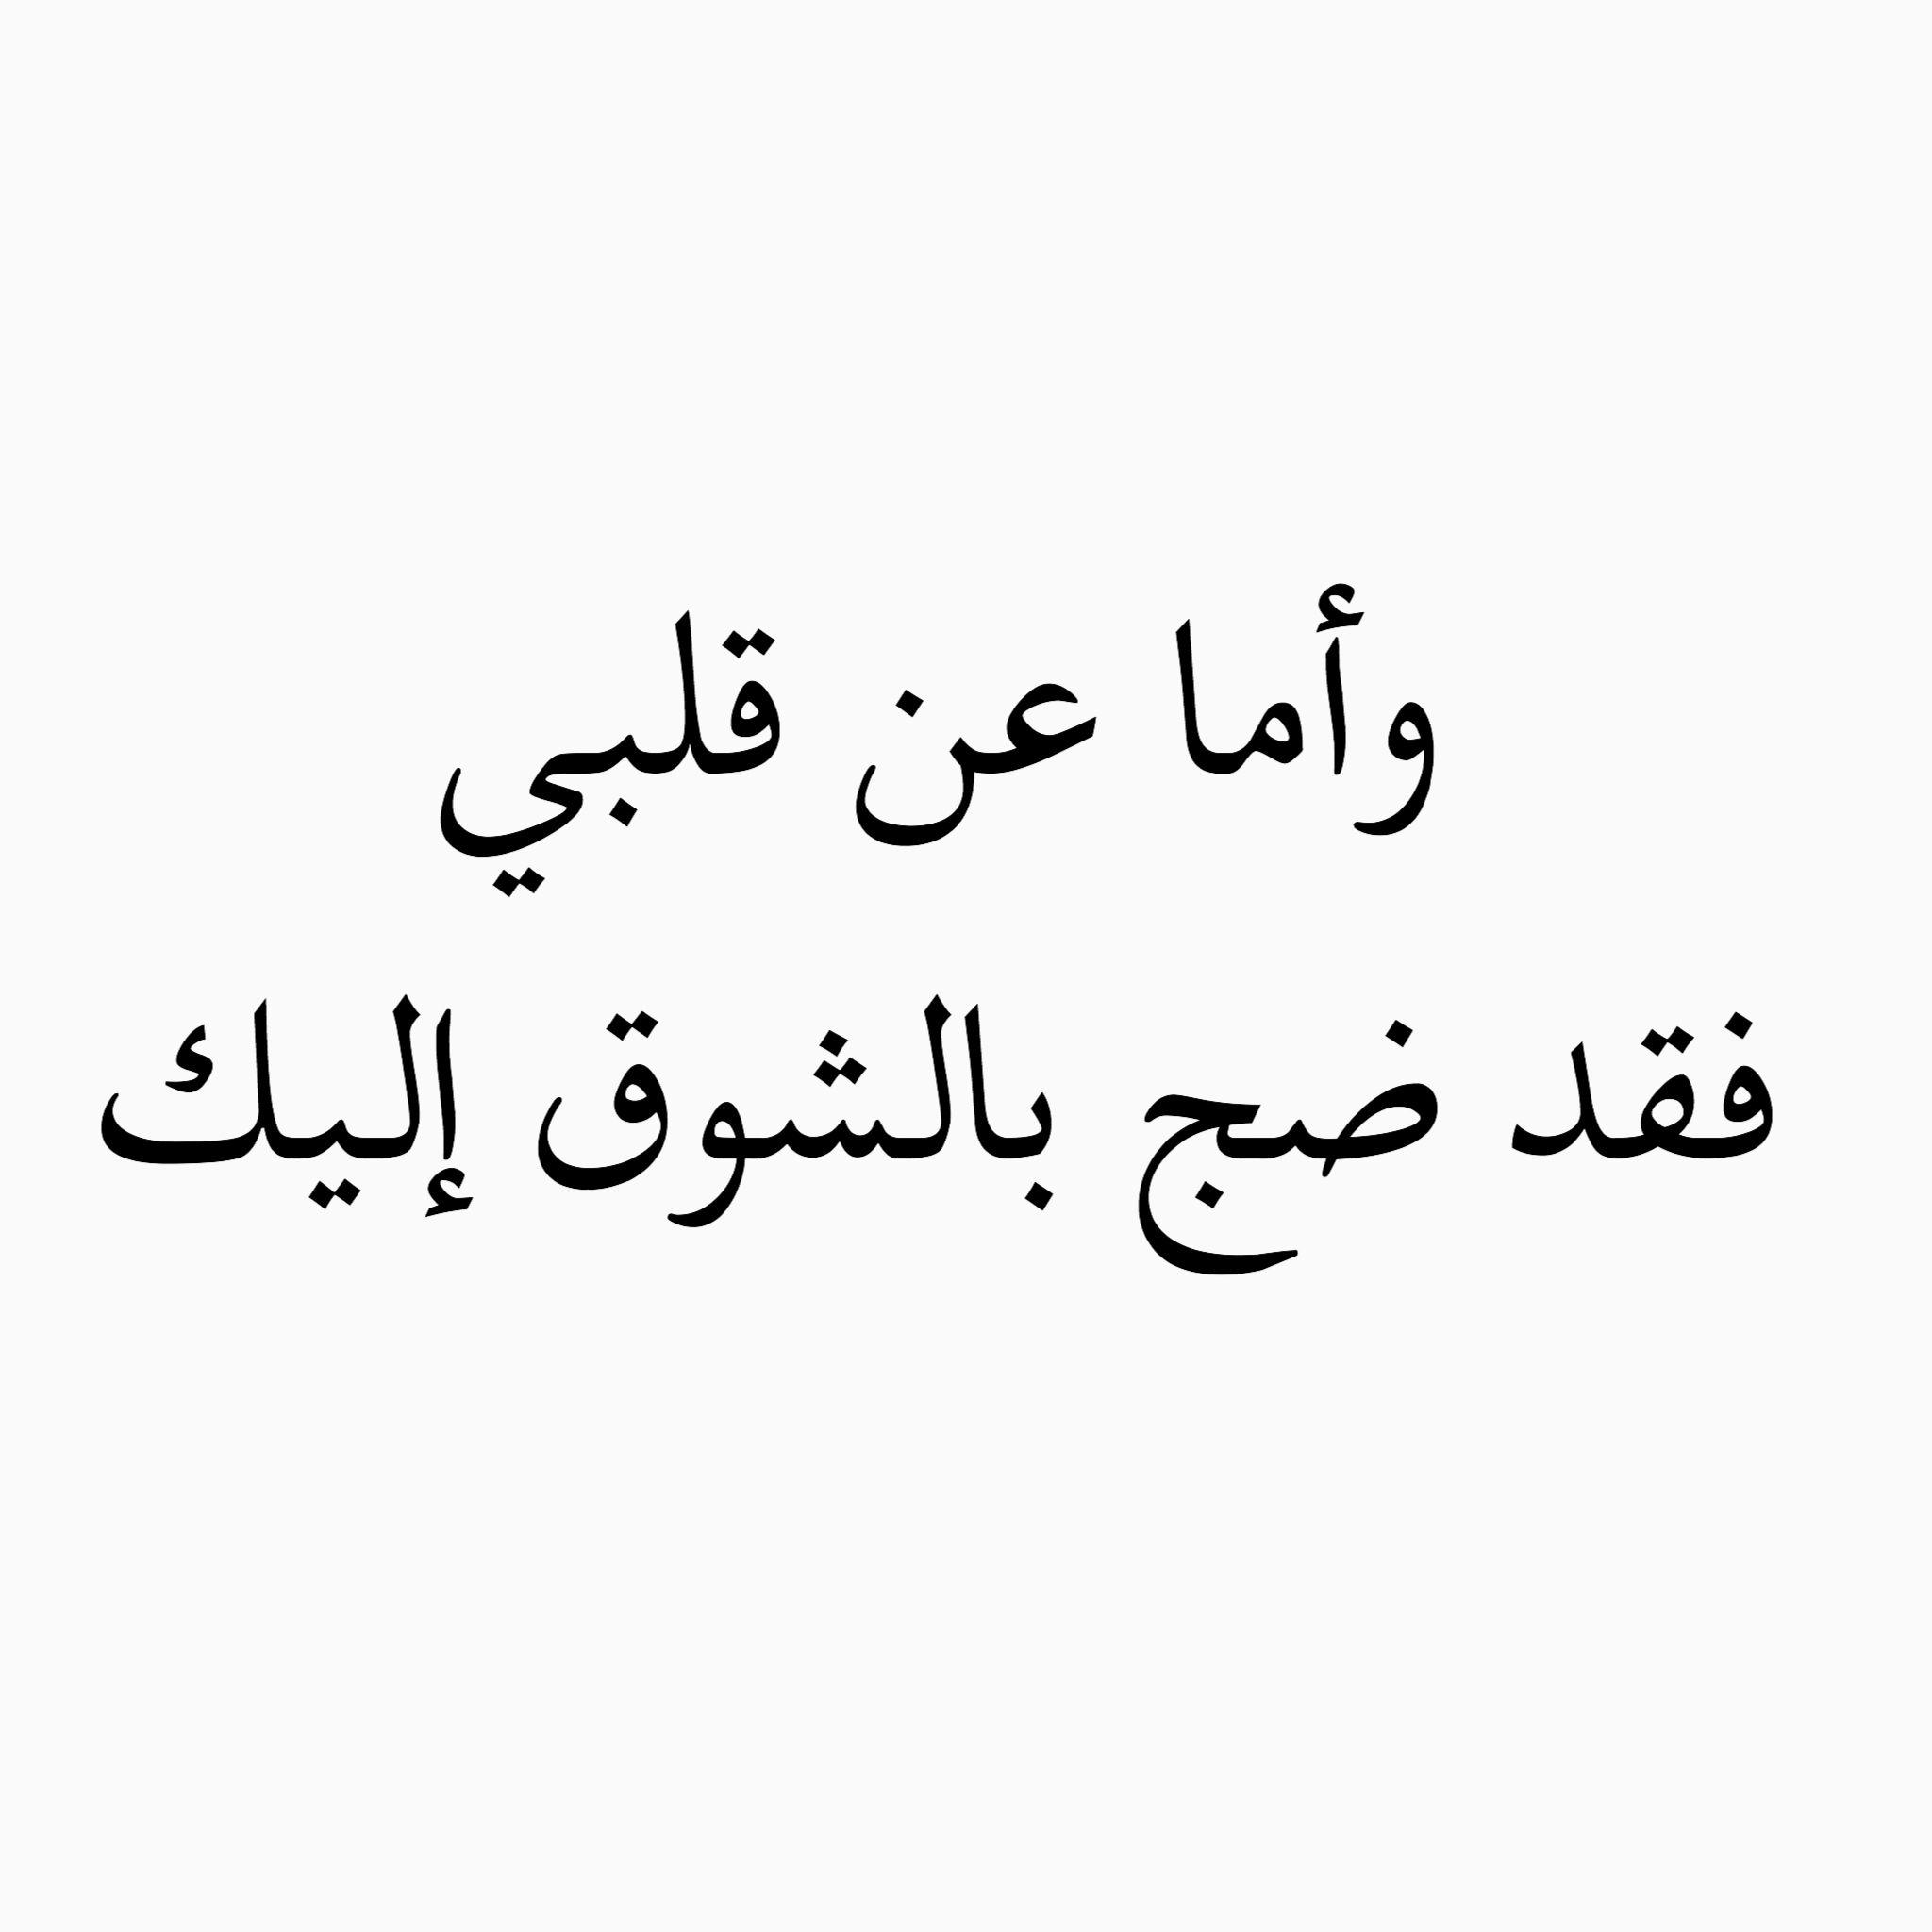 اما عن قلبي فقد ضج بالشوق اليك Arabic Quotes Love Words Arabic Words